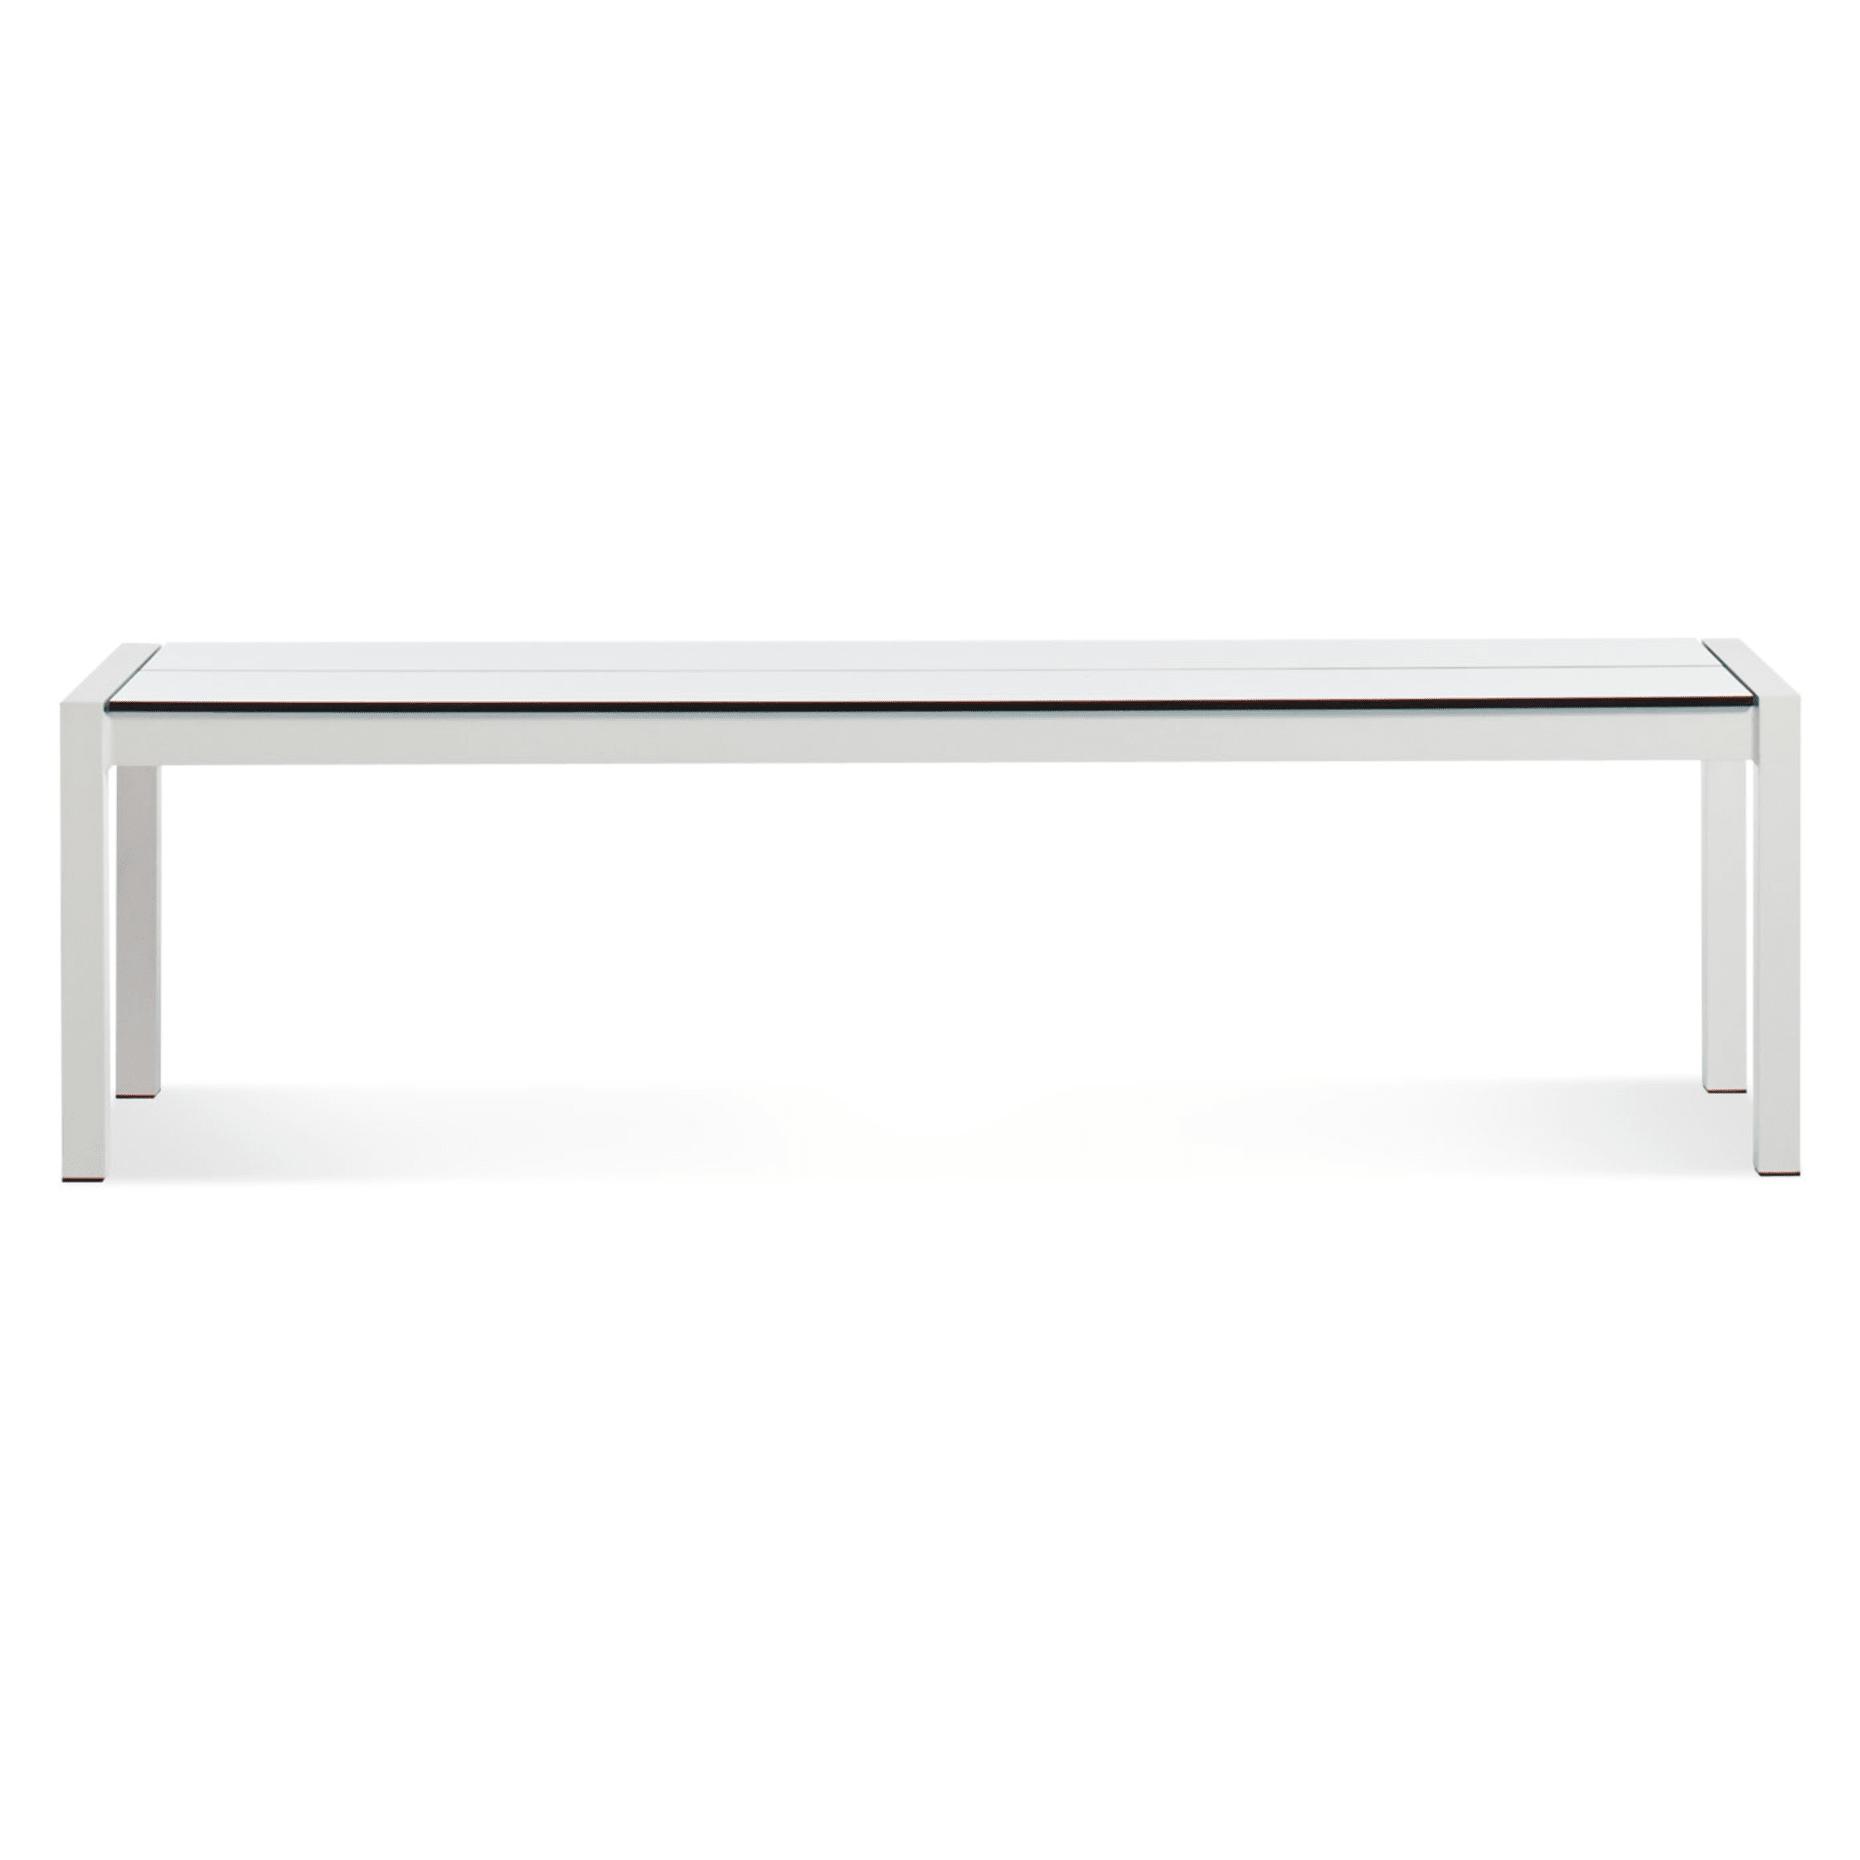 skiff outdoor modern bench